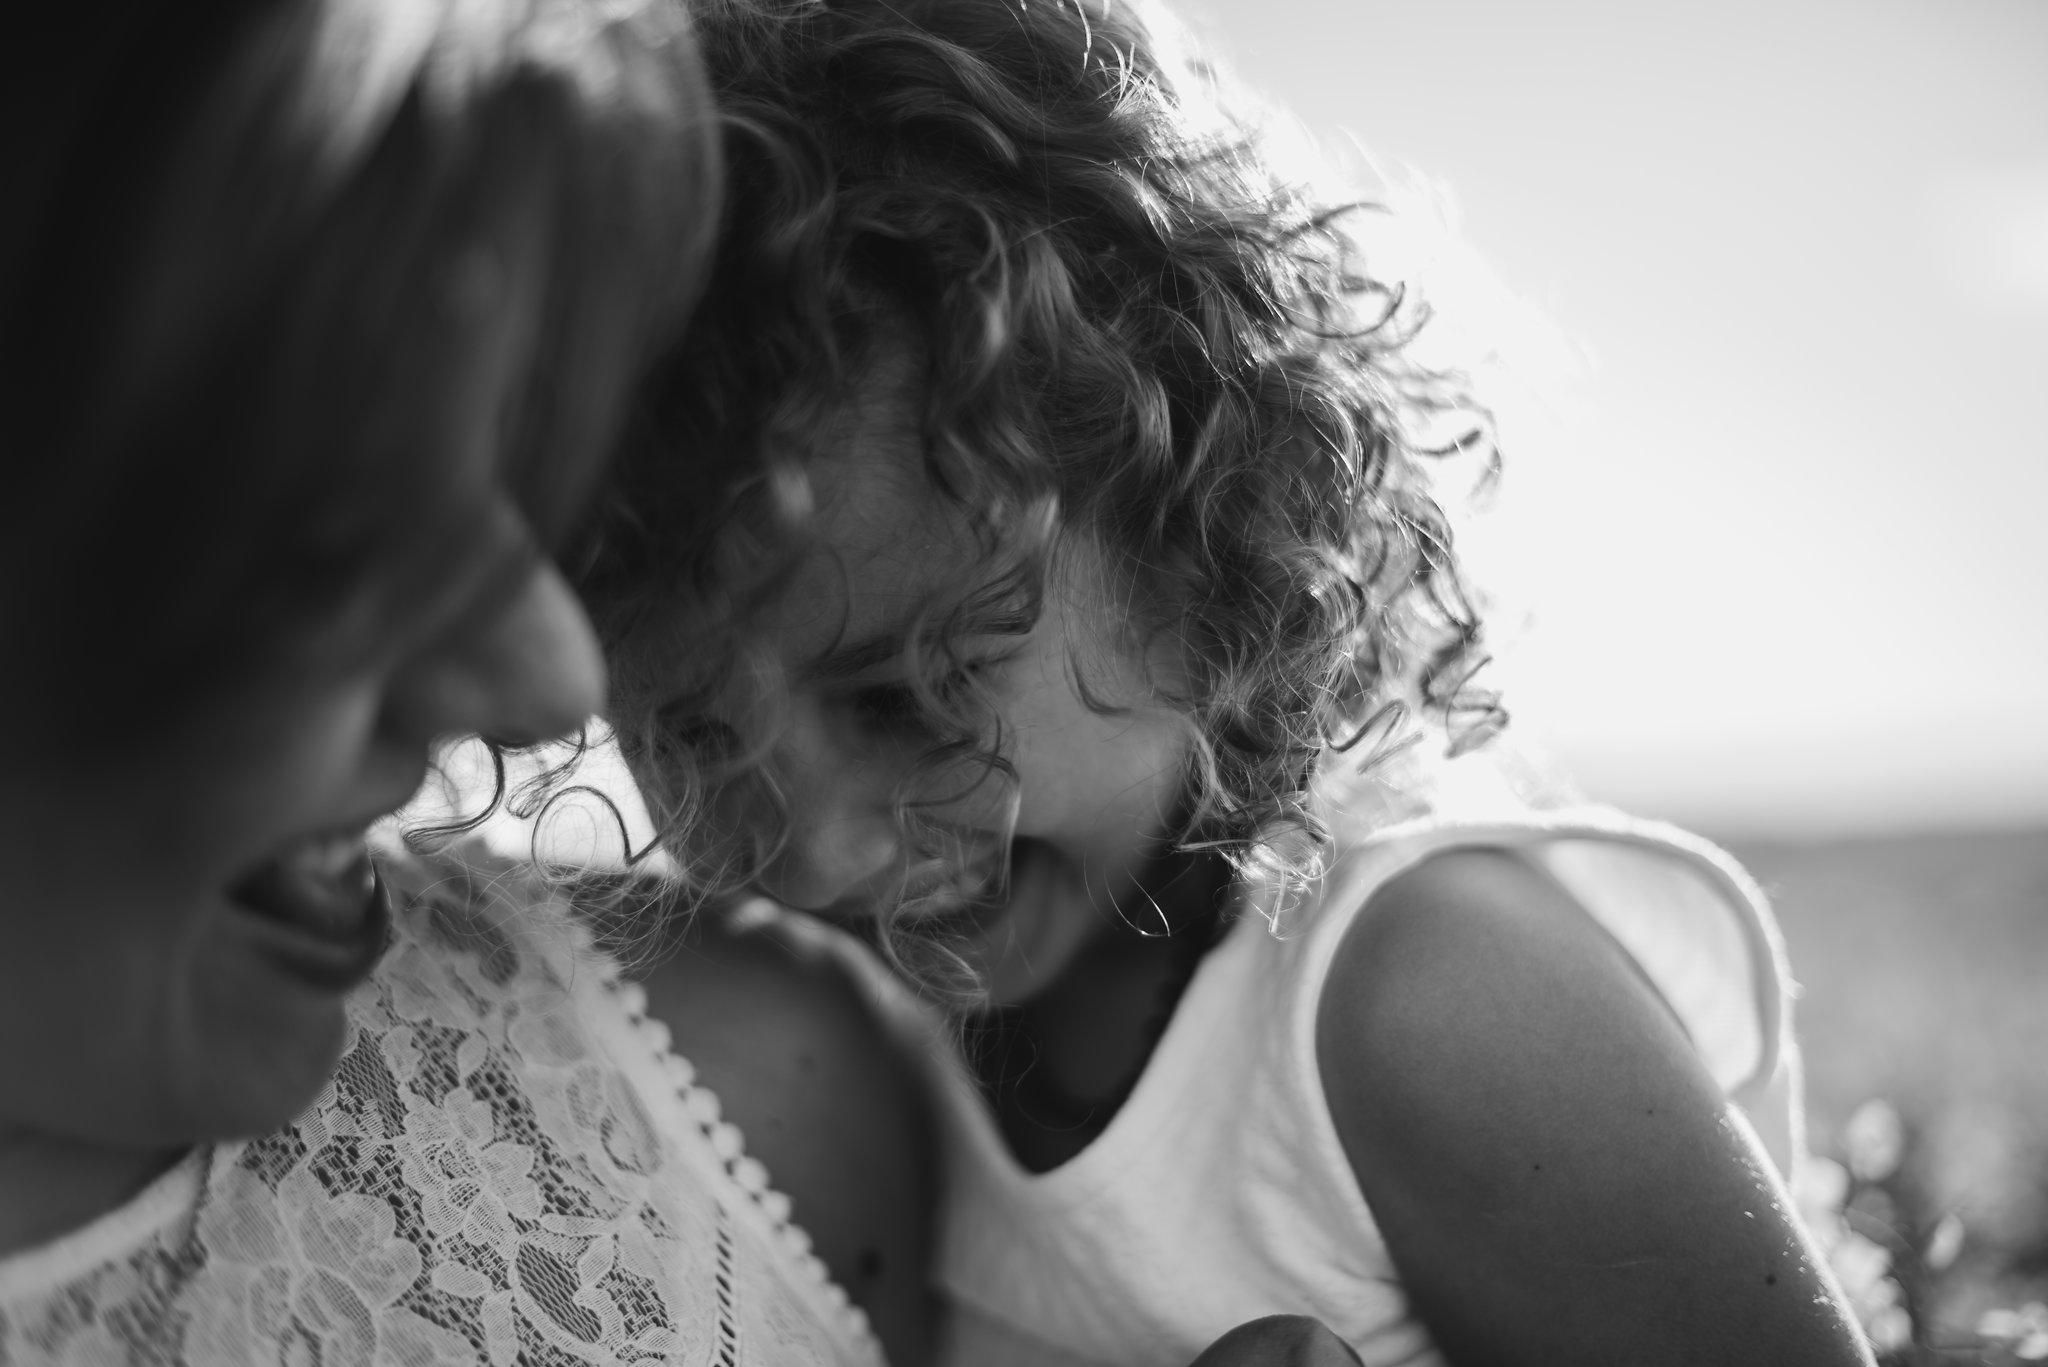 Léa-Fery-photographe-professionnel-lyon-rhone-alpes-portrait-creation-mariage-evenement-evenementiel-famille-8662.jpg